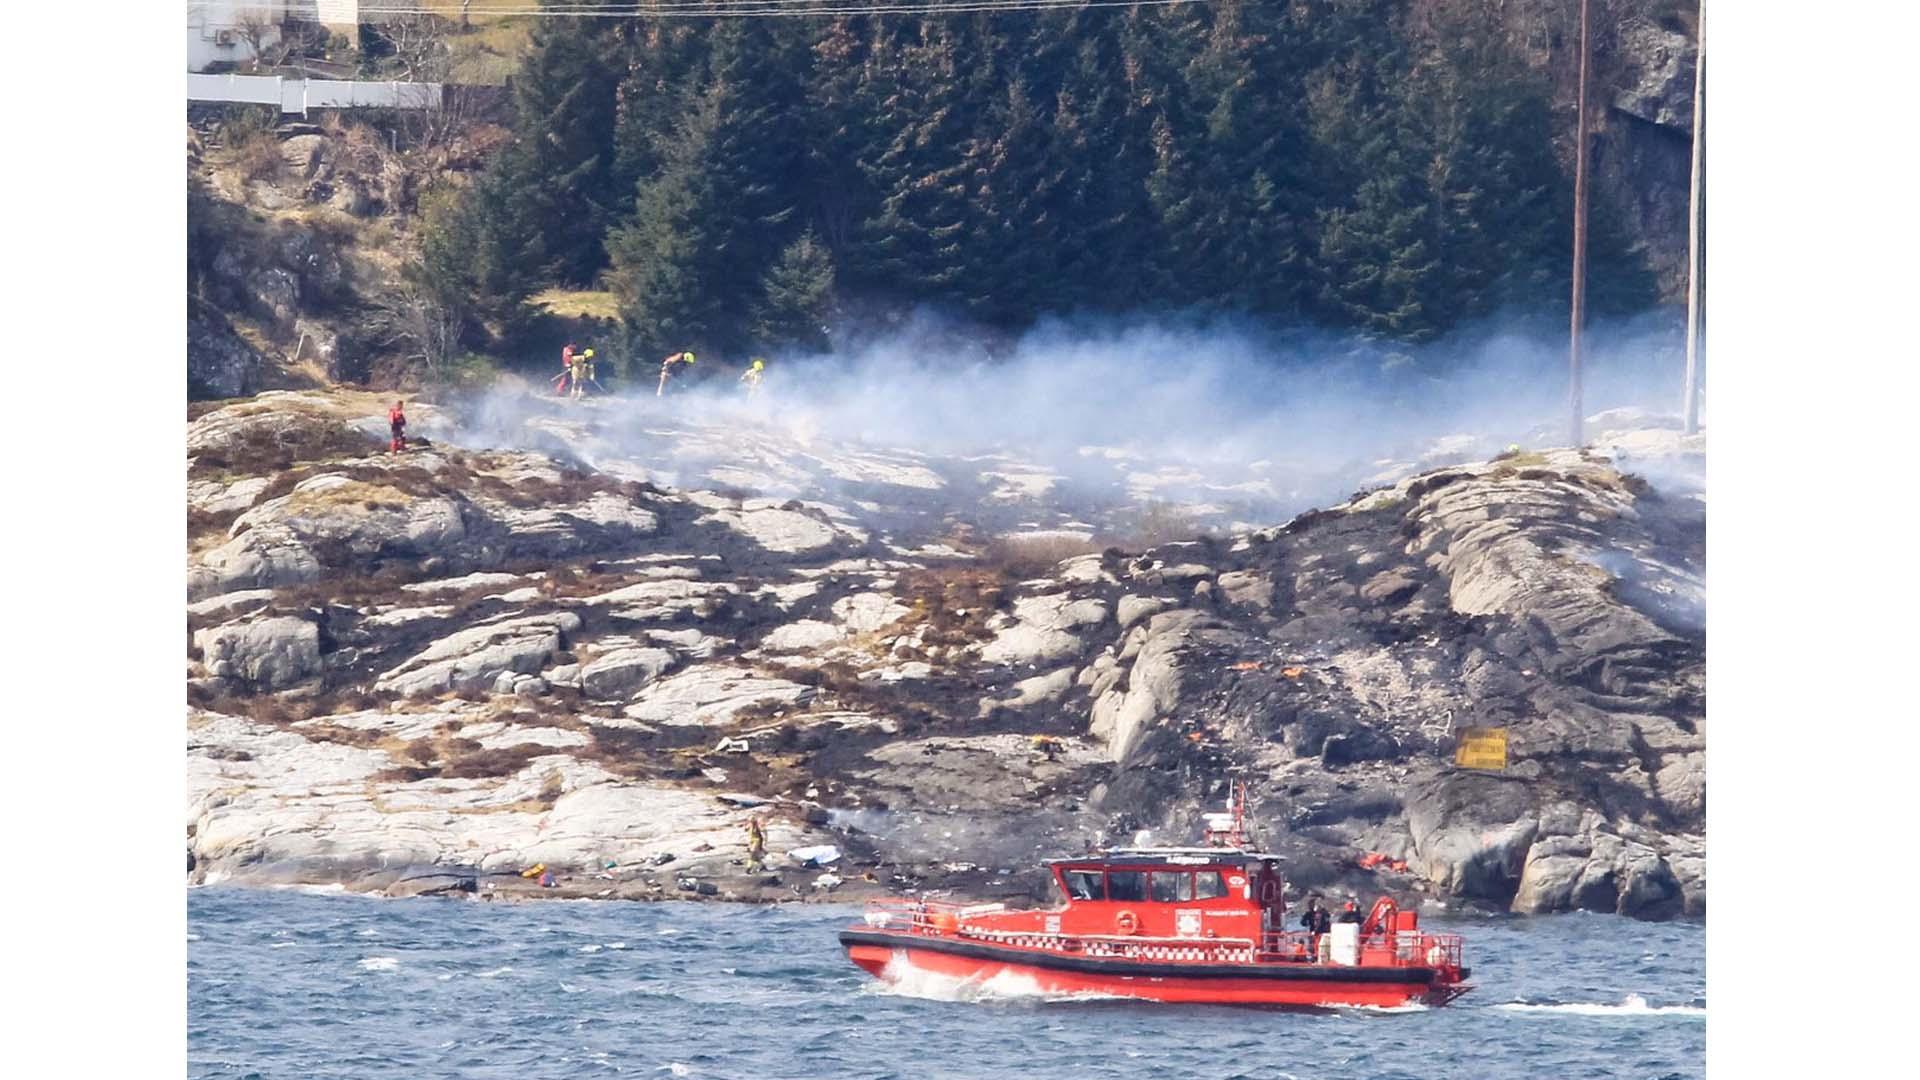 Las autoridades informaron que hasta el momento hay 11 personas fallecidas